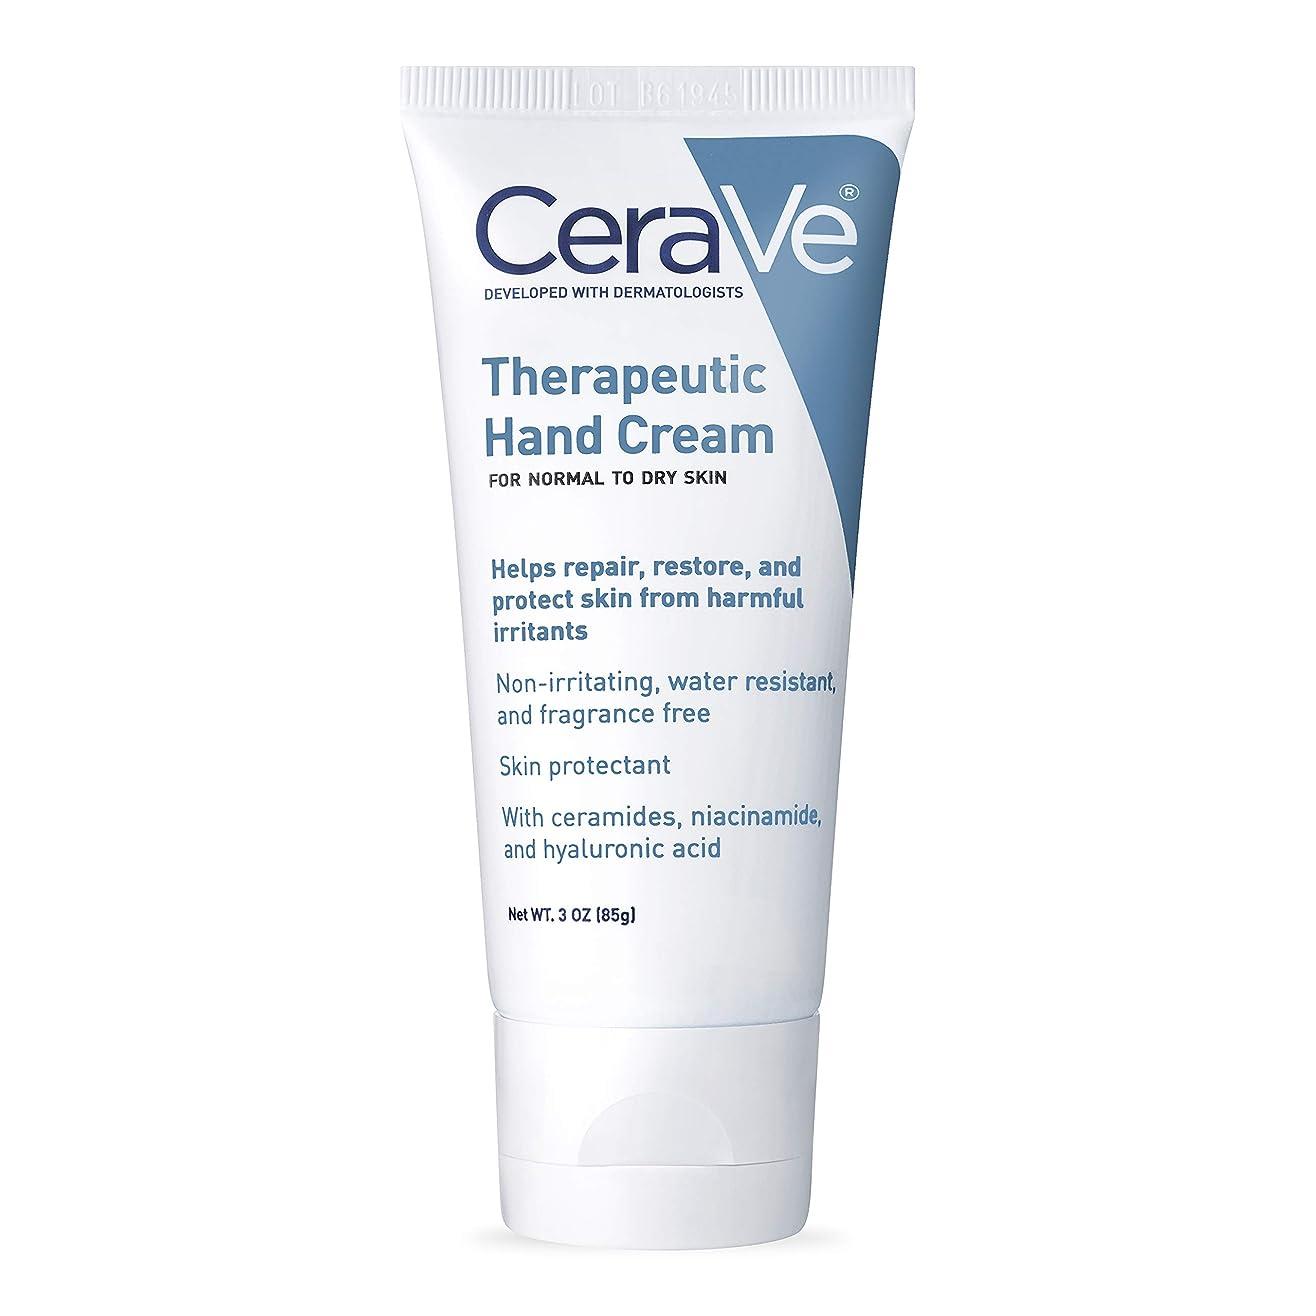 ねばねばあえて計器海外直送品Cerave CeraVe Therapeutic Hand Cream For Normal to Dry Skin, 3 oz